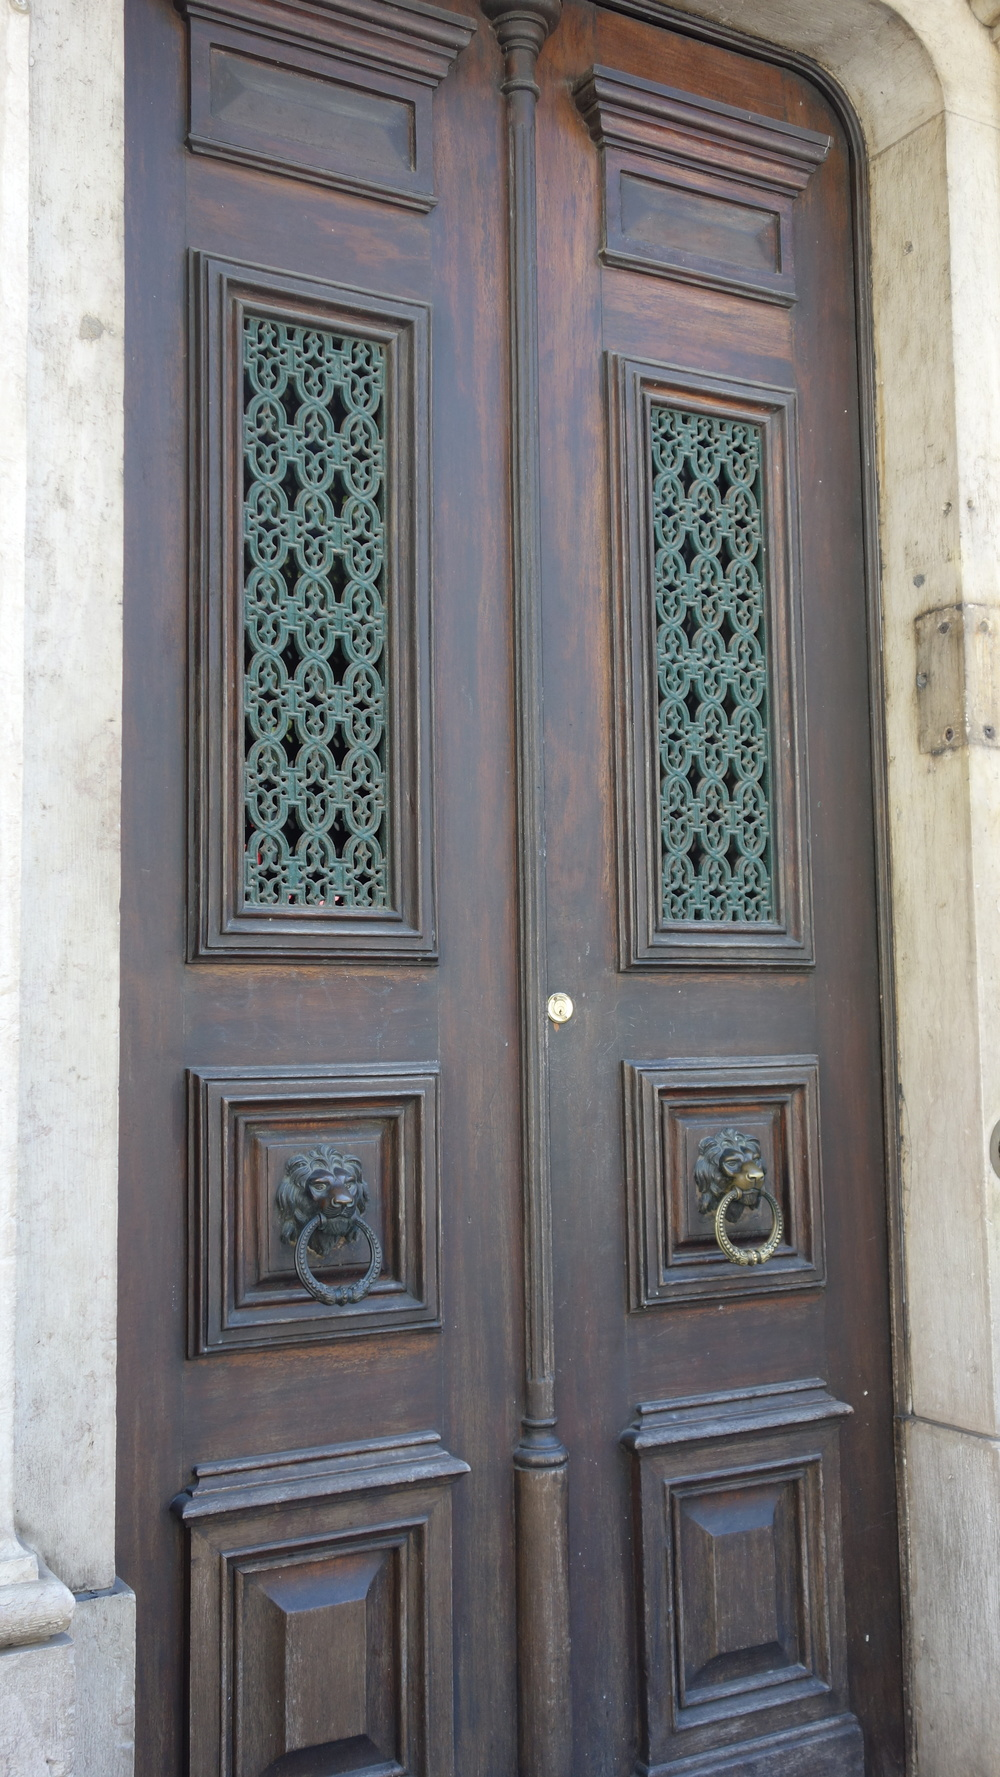 Doors in Lisbon